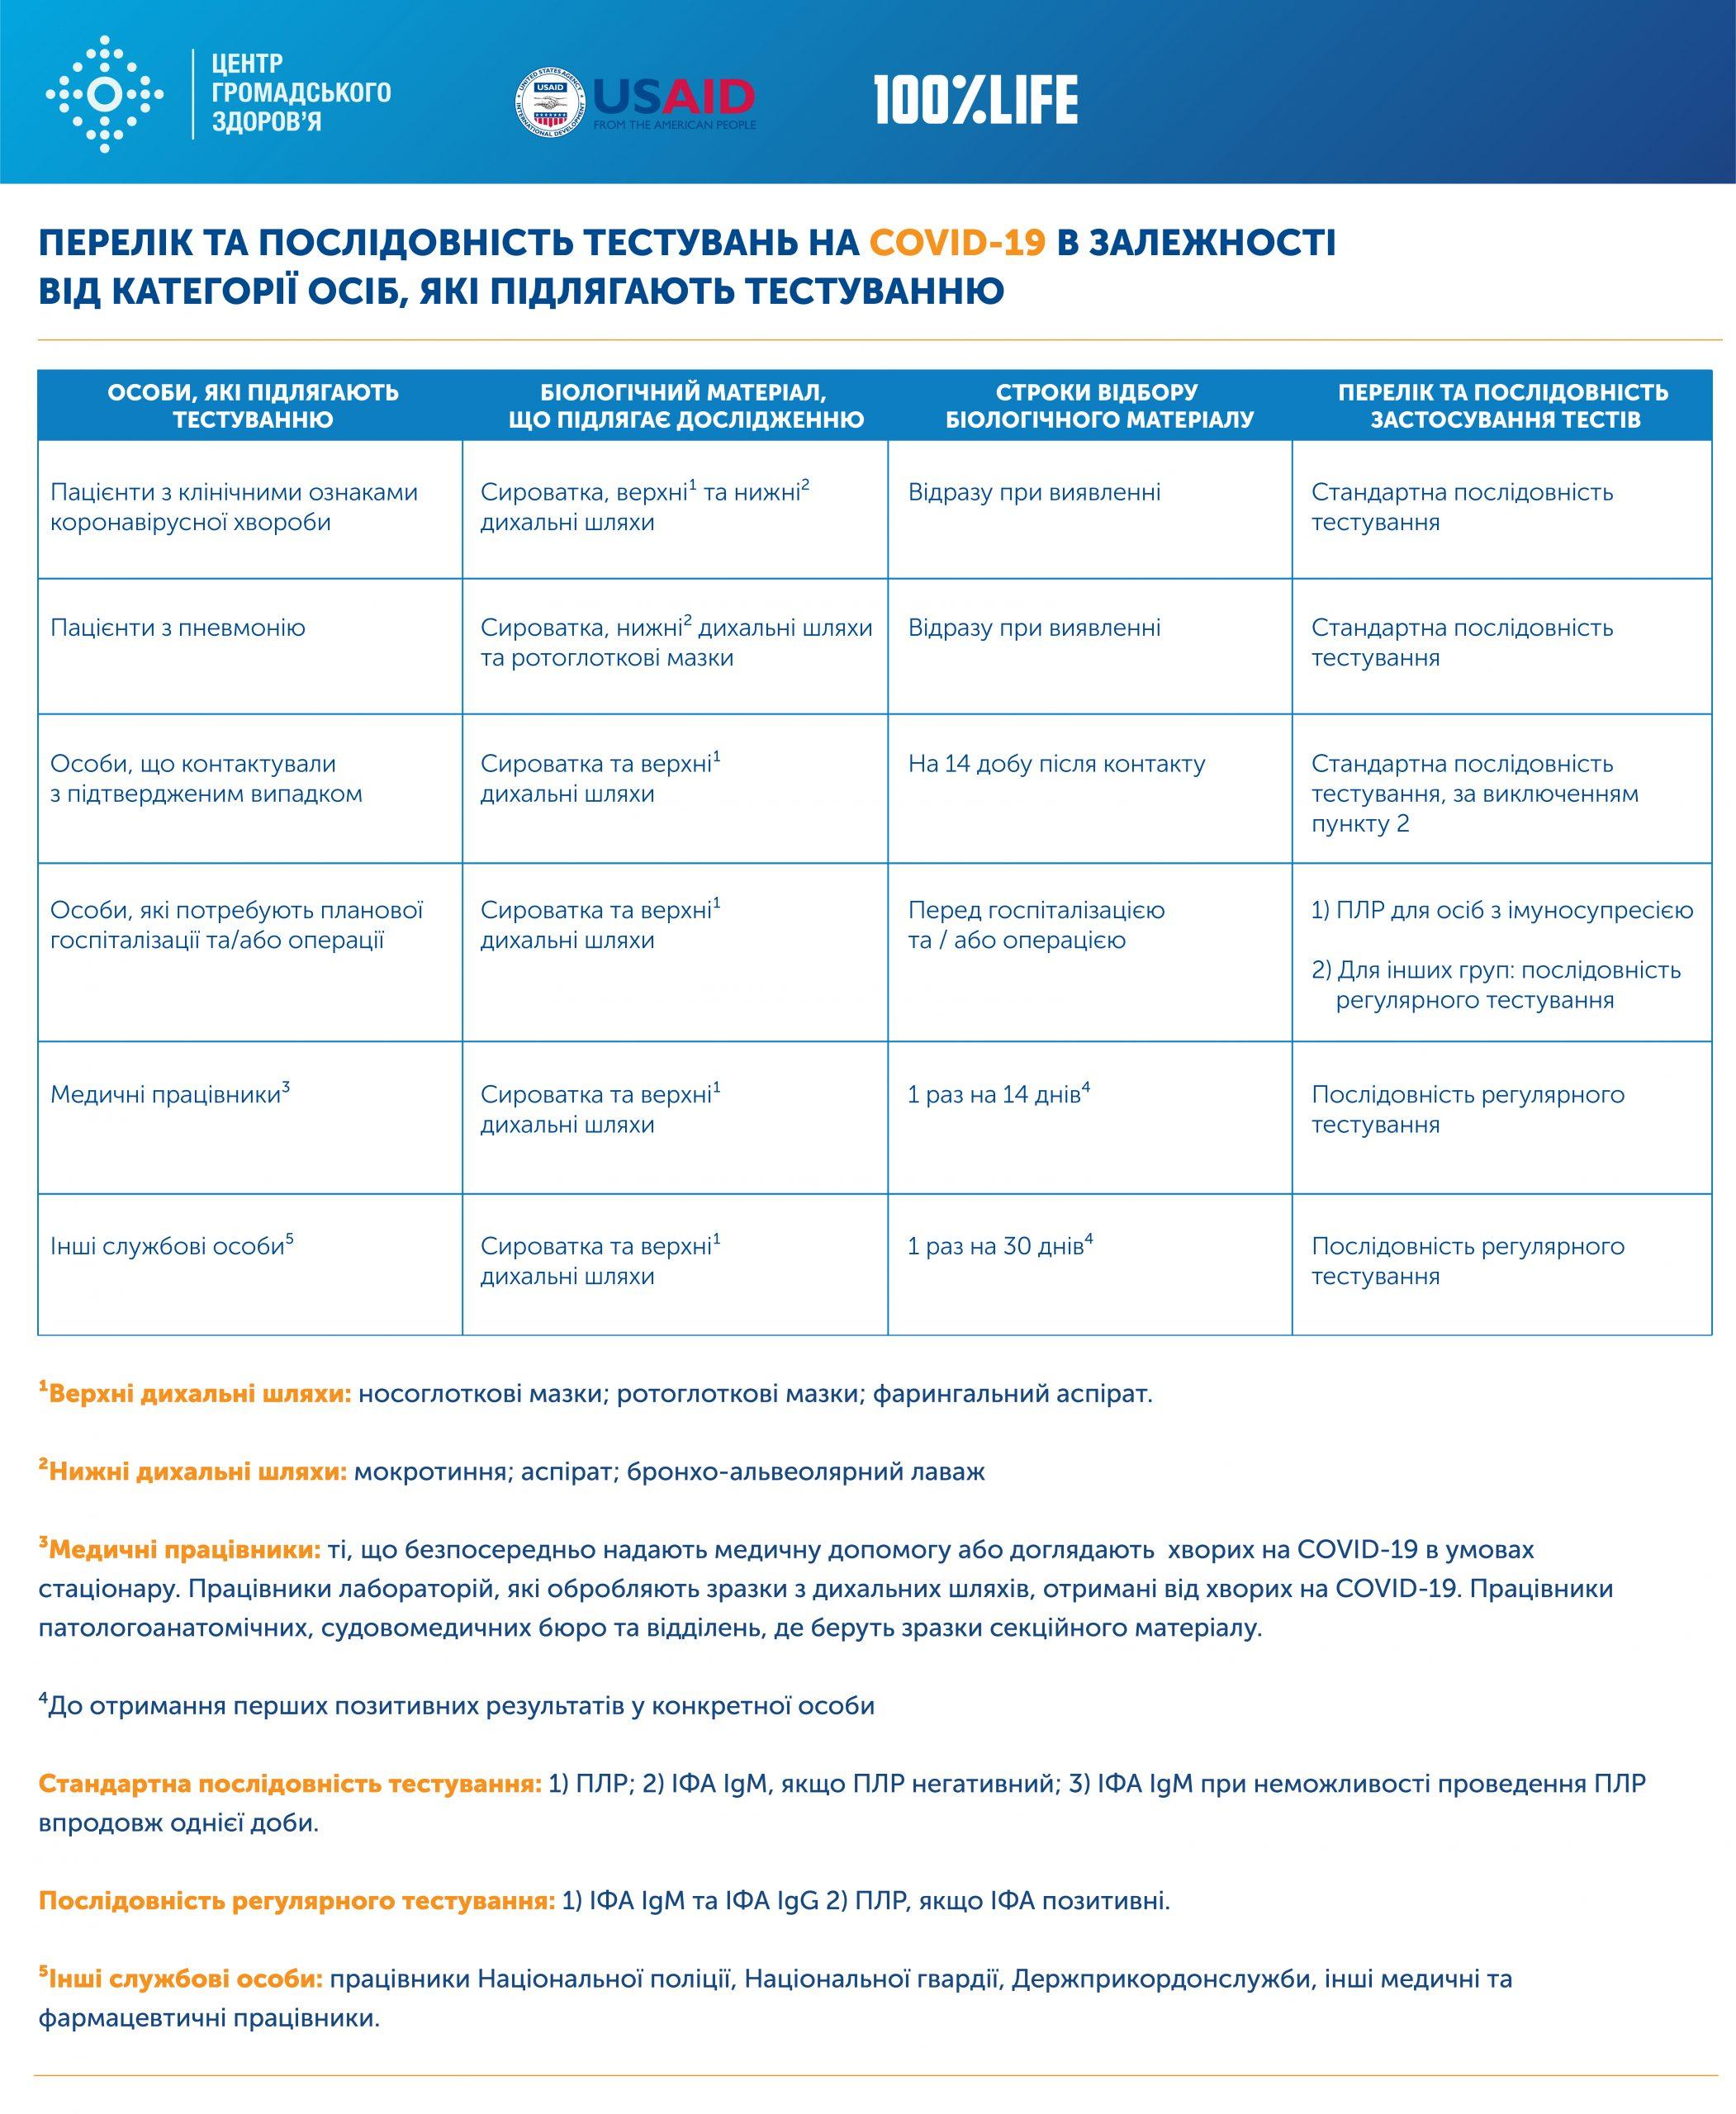 Перелік та послідовність тестувань на COVID-19